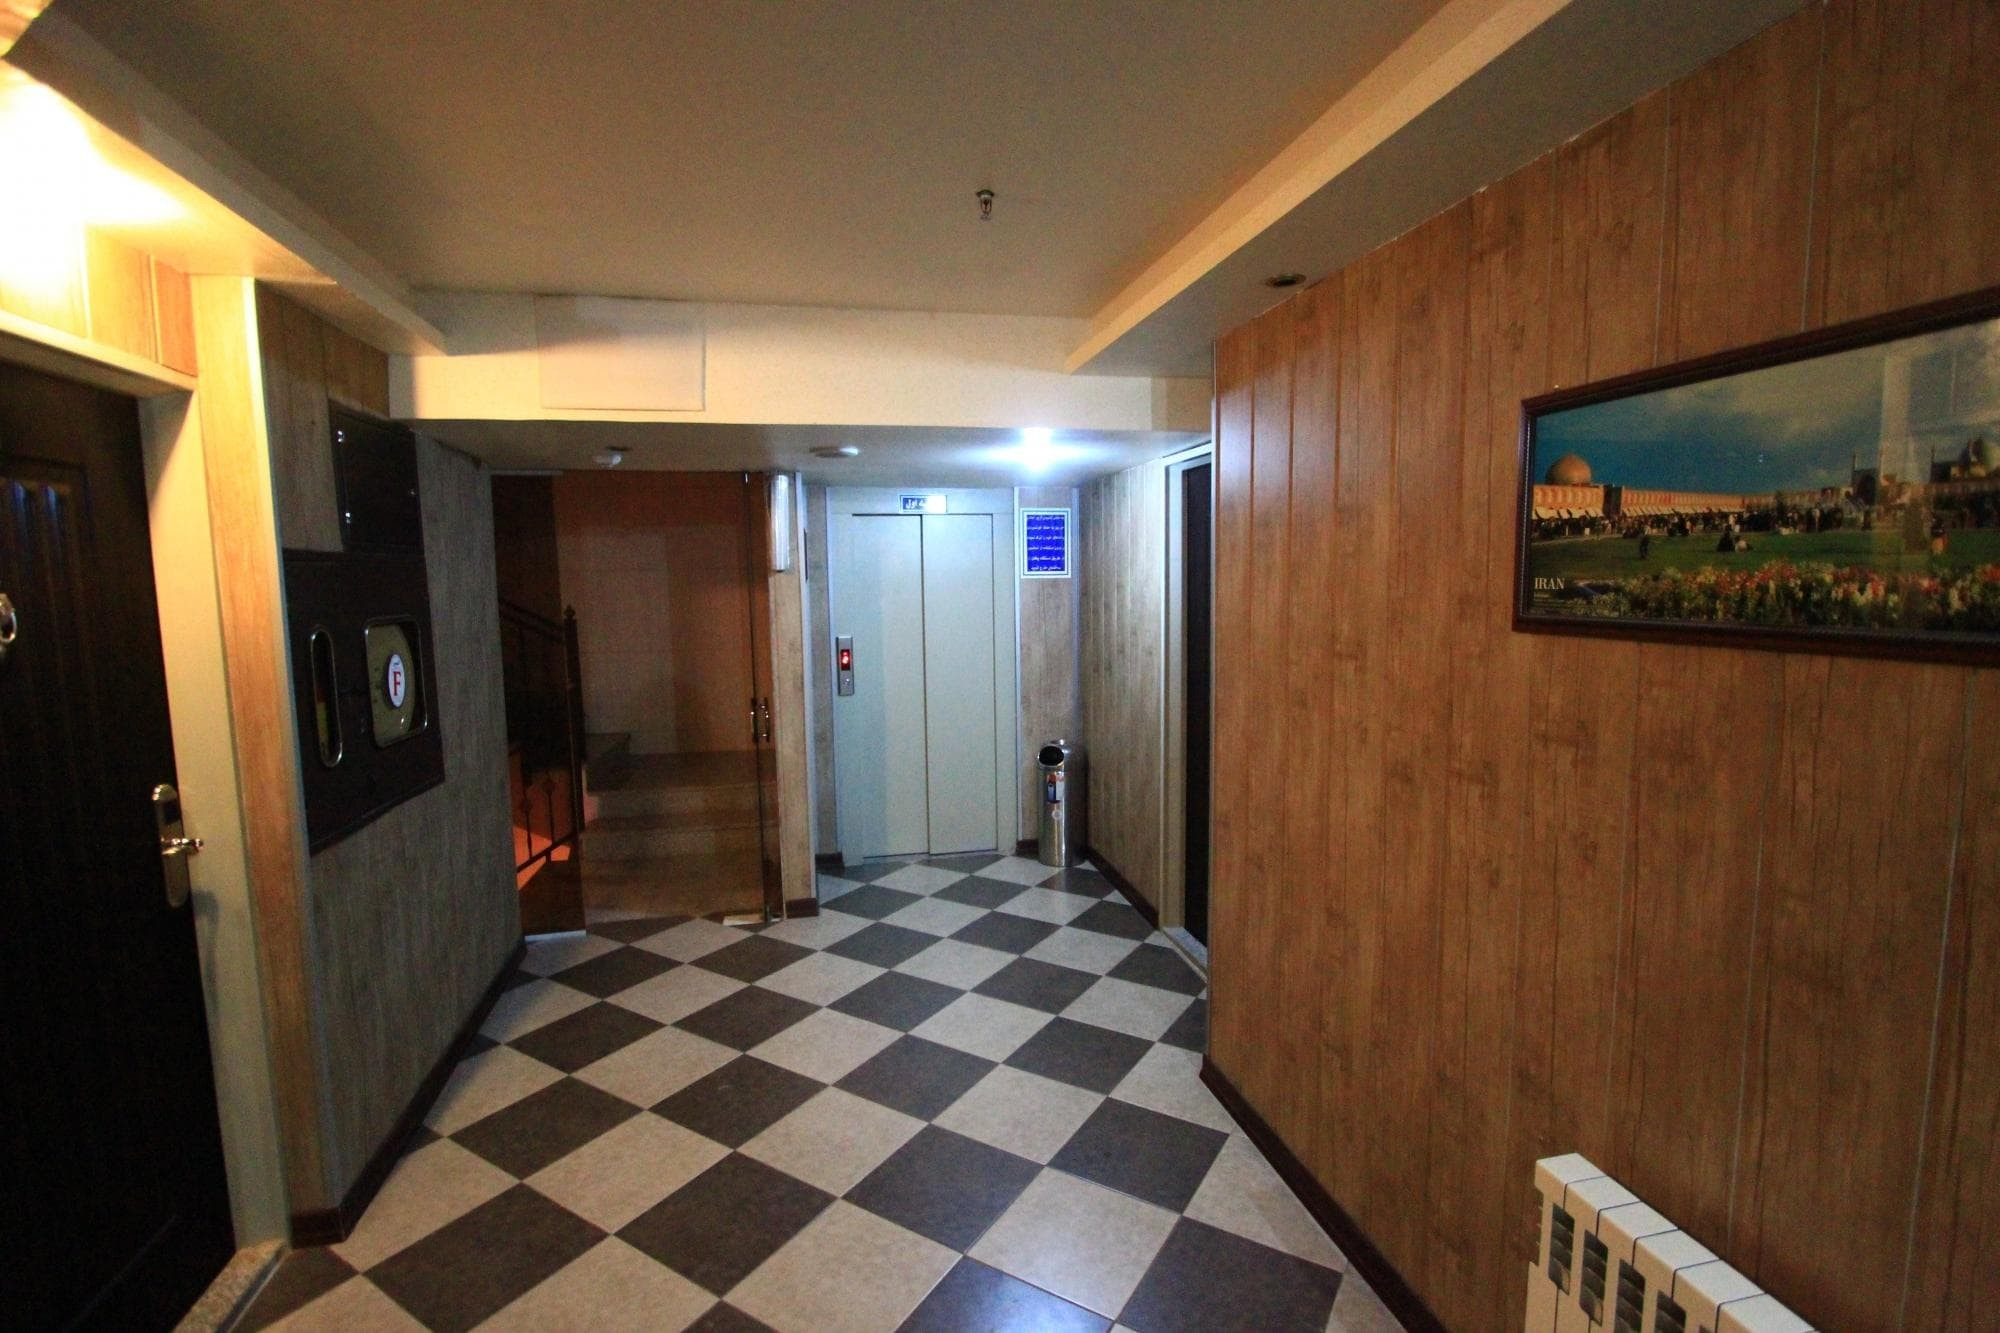 Saba Hotel-02-min.jpg